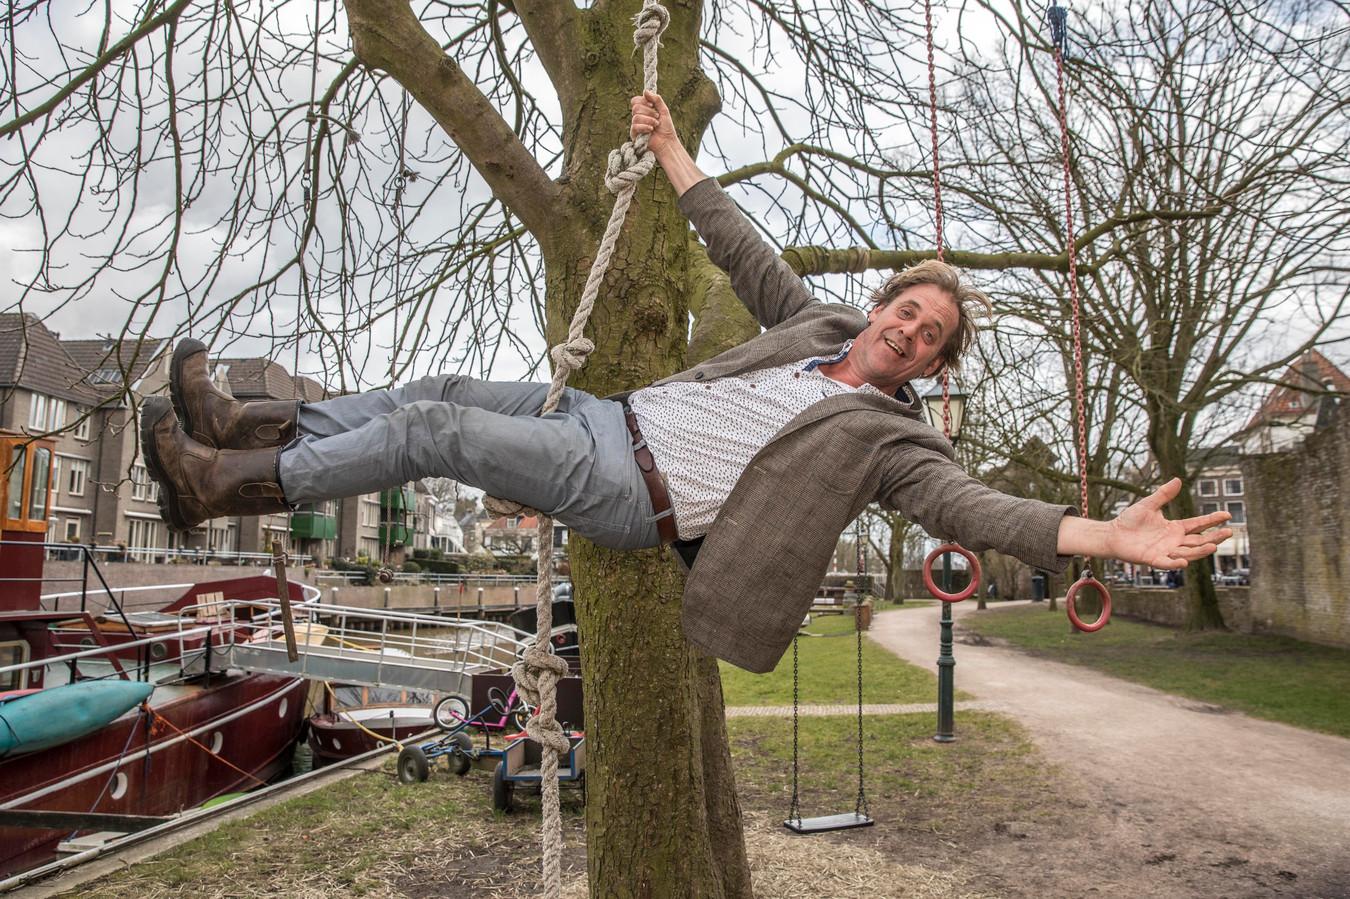 Rob Bults opent speeltuin voor volwassenen tijdens Zwolle Unlimited. Hij zamelt geld in via crowdfunding.